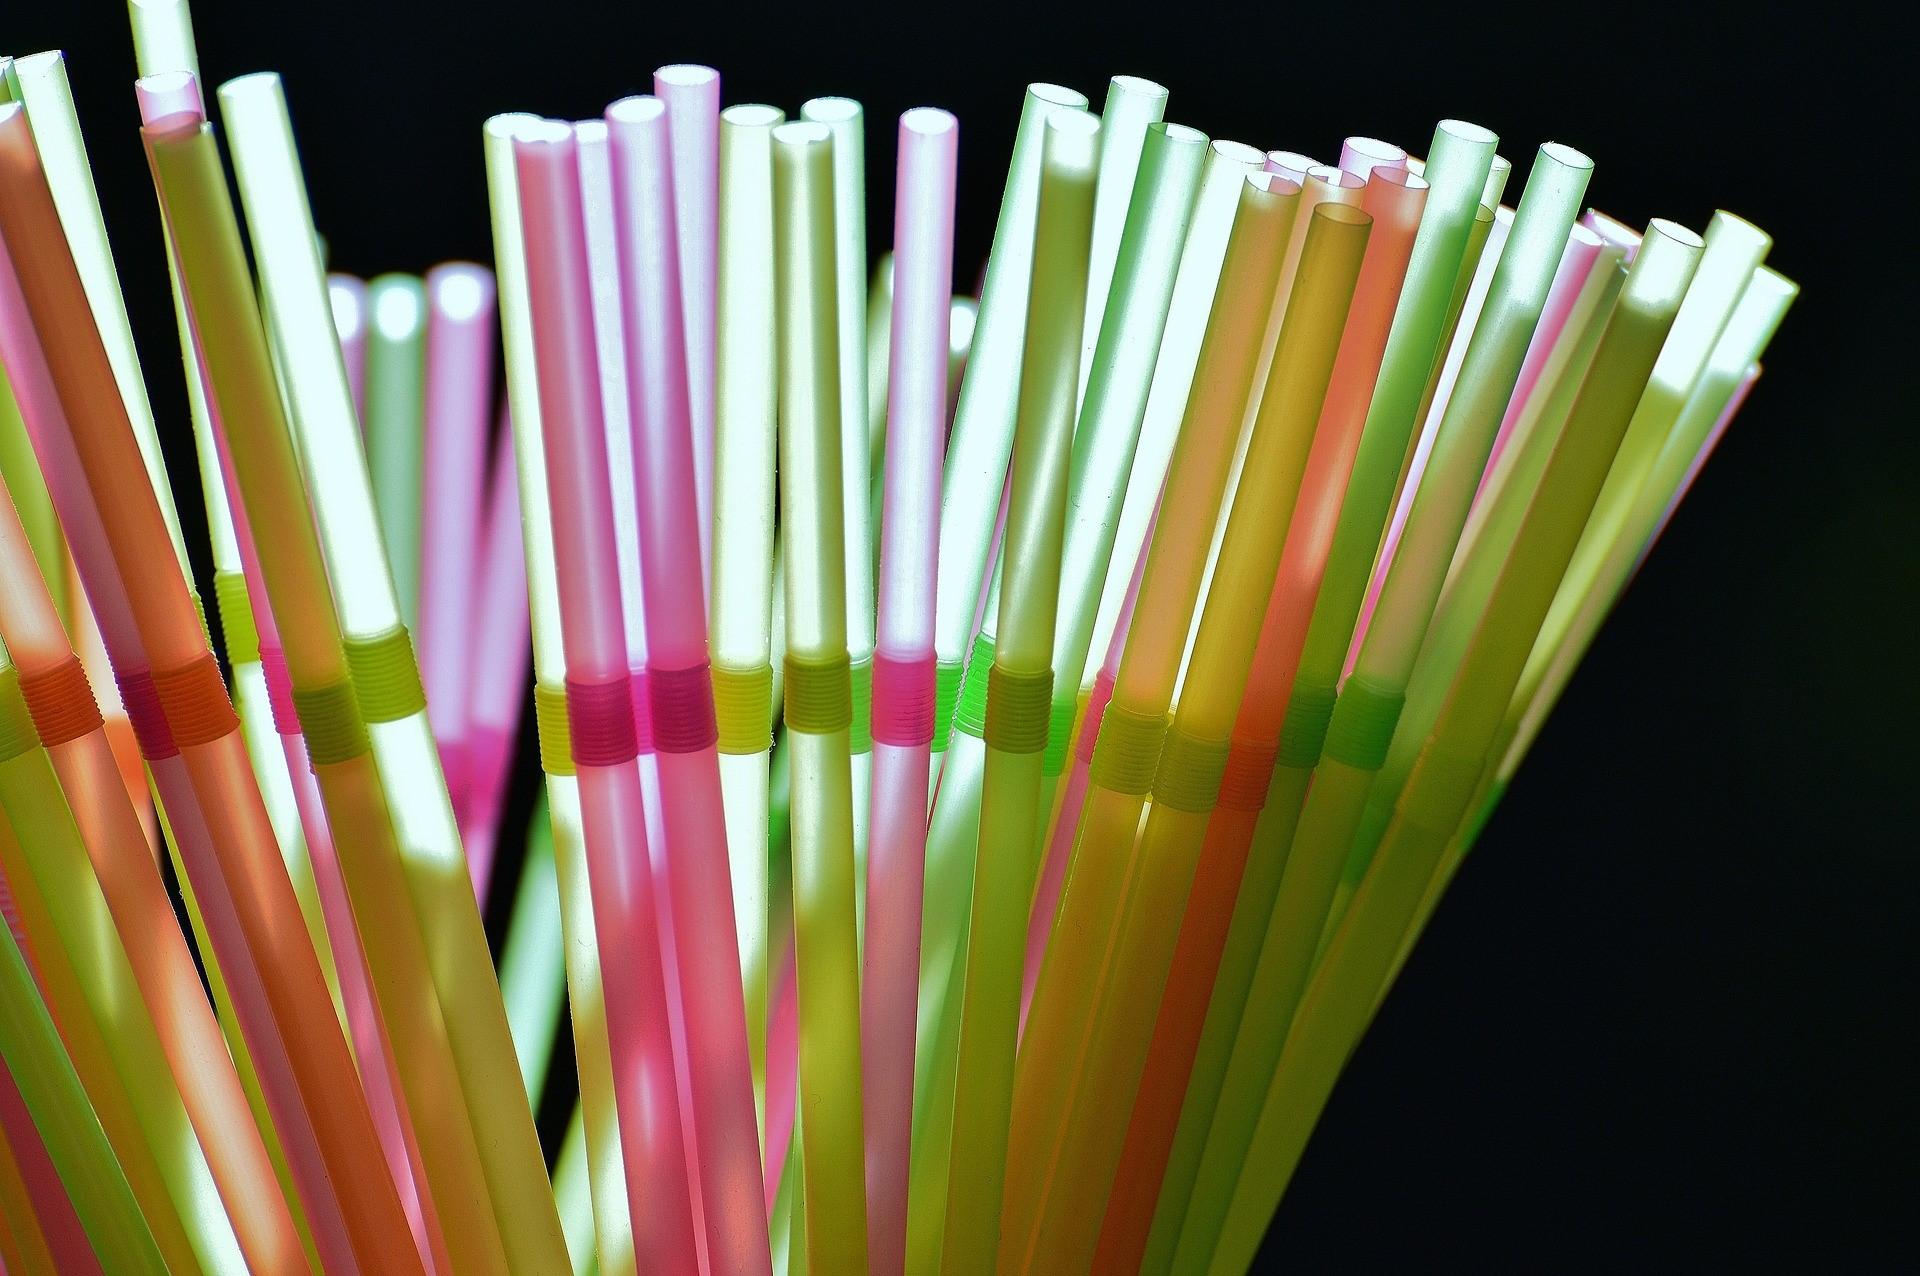 Escocia tiene previsto prohibir las pajitas de plástico a finales del próximo año